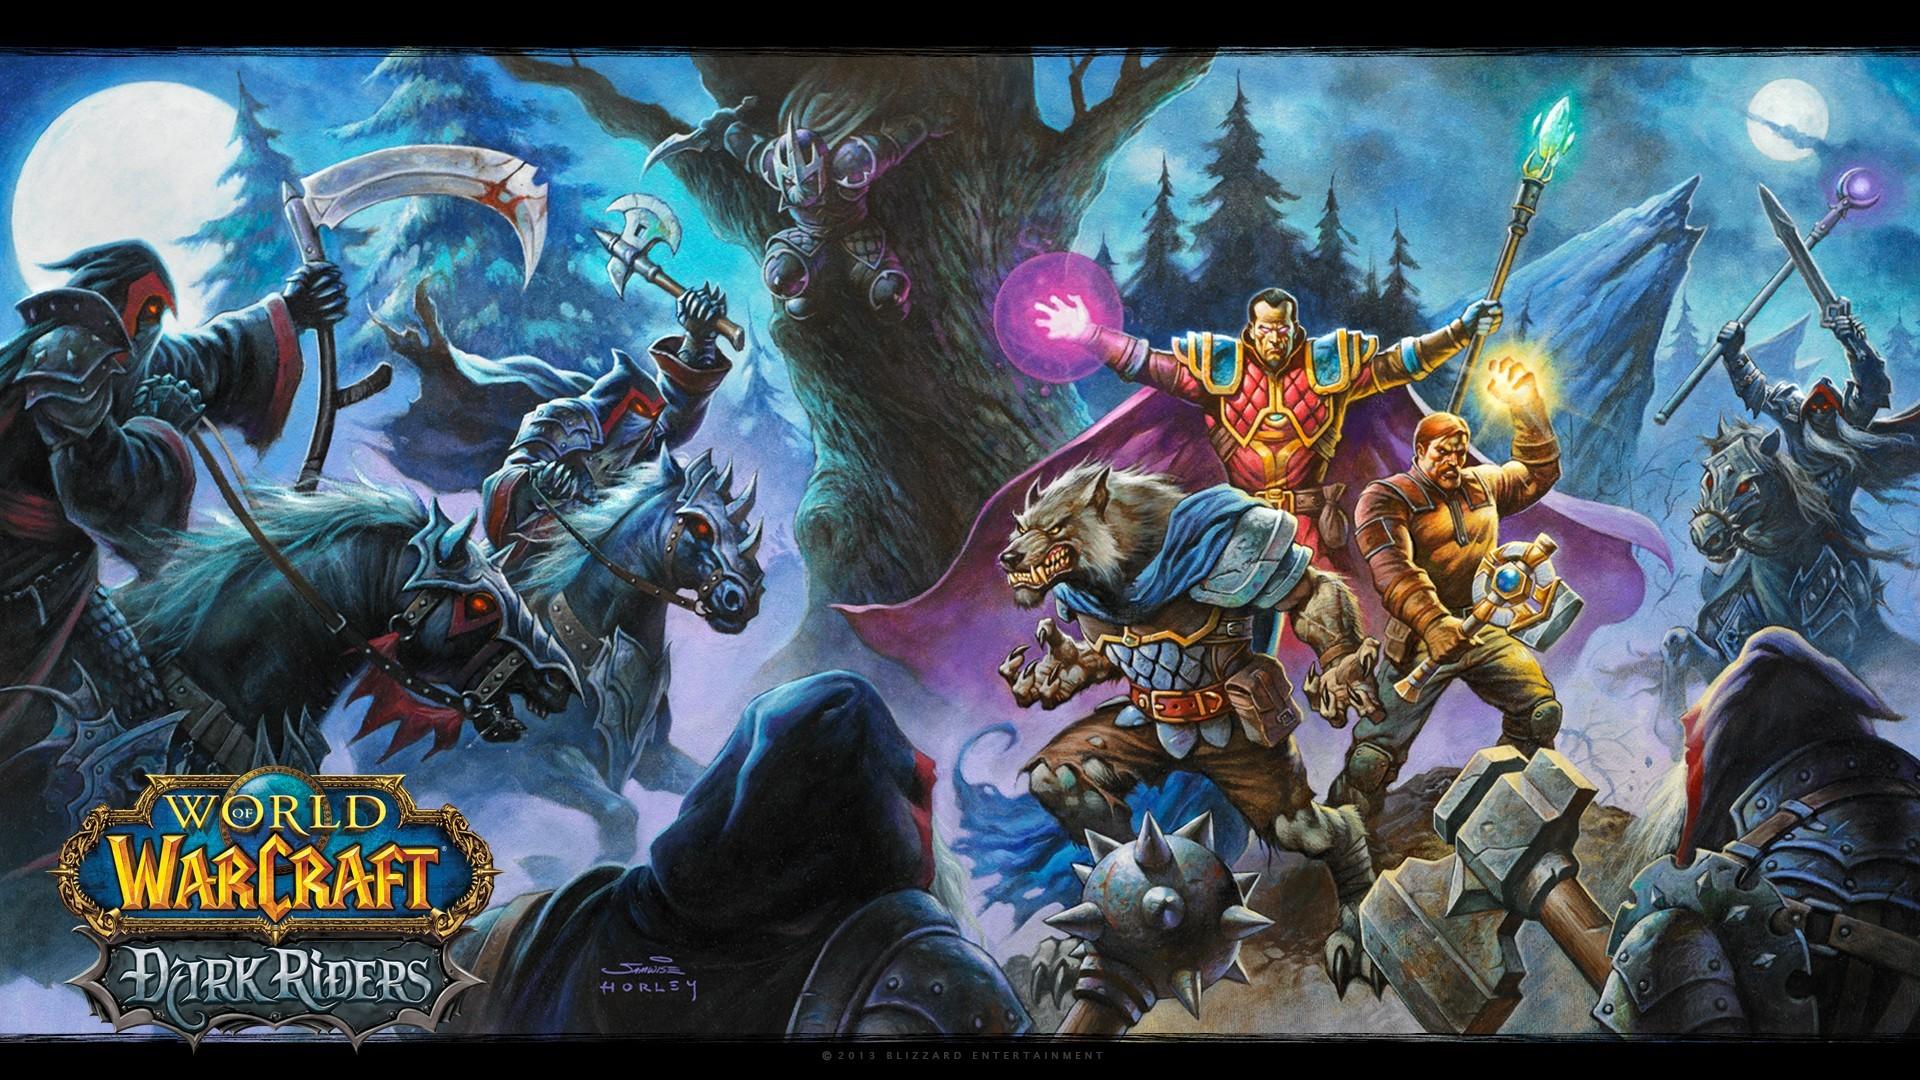 Spiele World of Warcraft Blizzard Entertainment Widescreen wallpaper 1920x1080